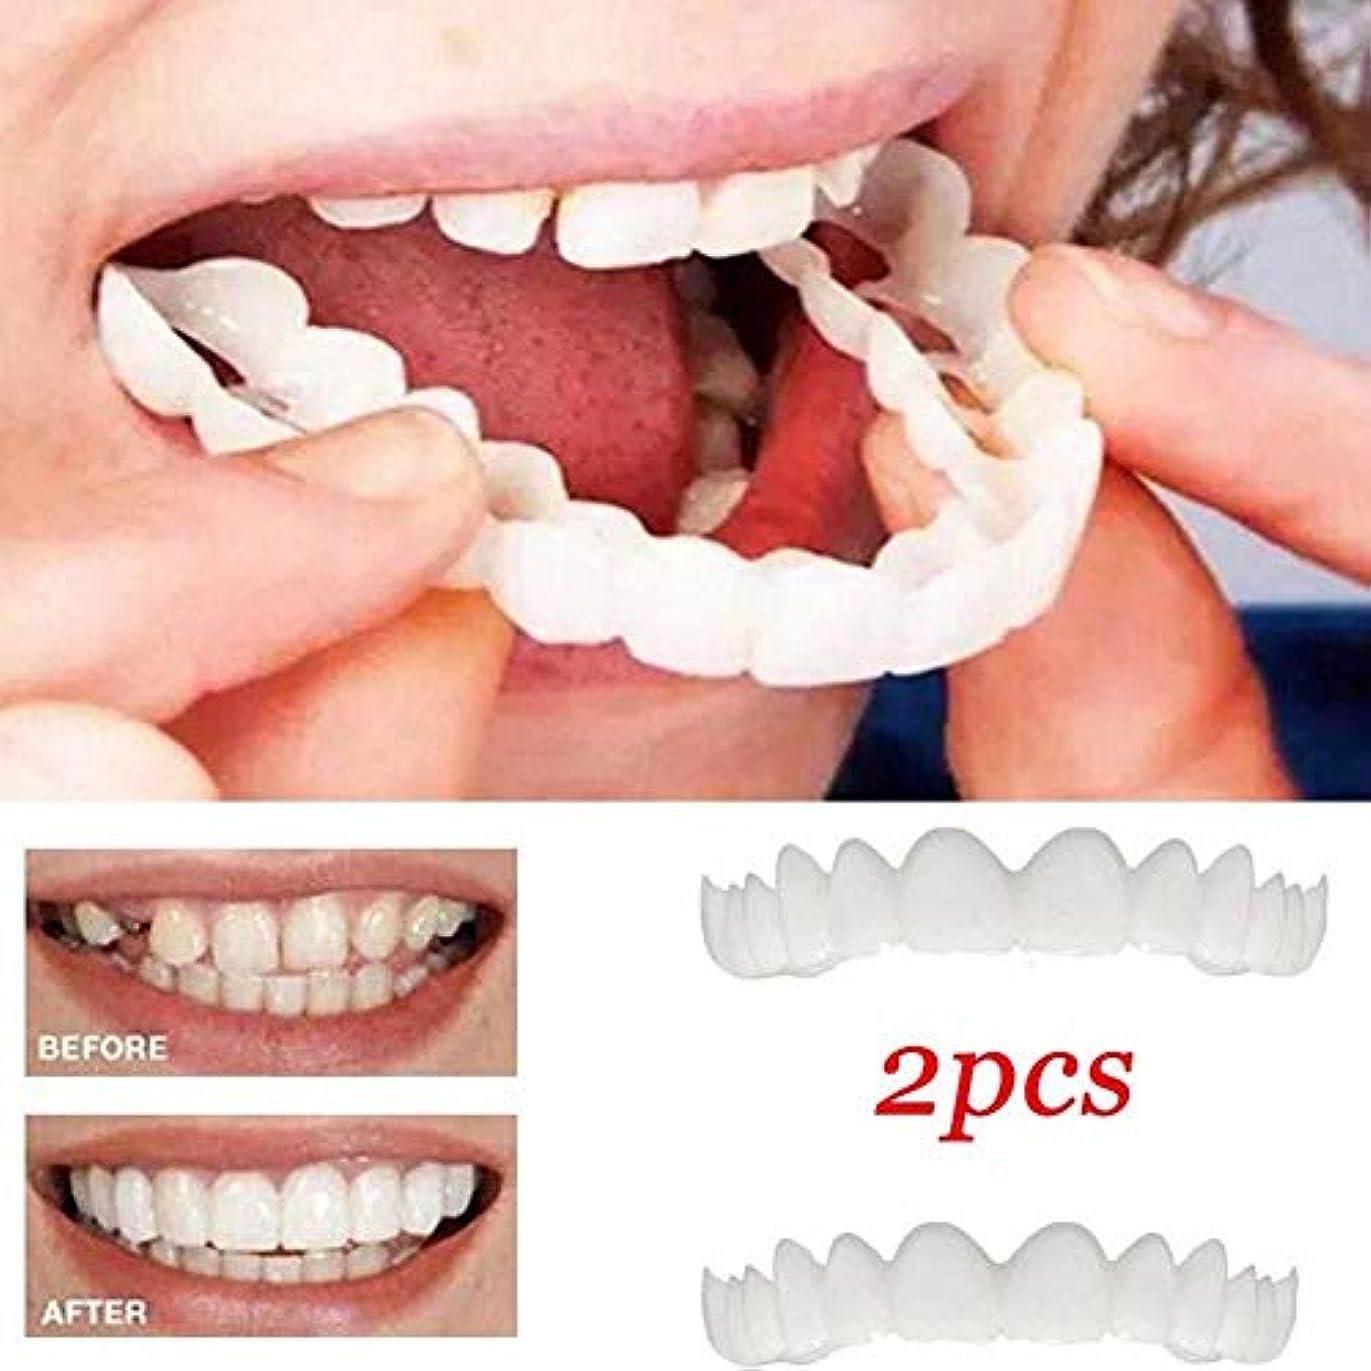 複合テーブルショッピングセンターユニセックスシリコンシミュレーション義歯、ホワイトニングフィット義歯(上下の歯のセット),A